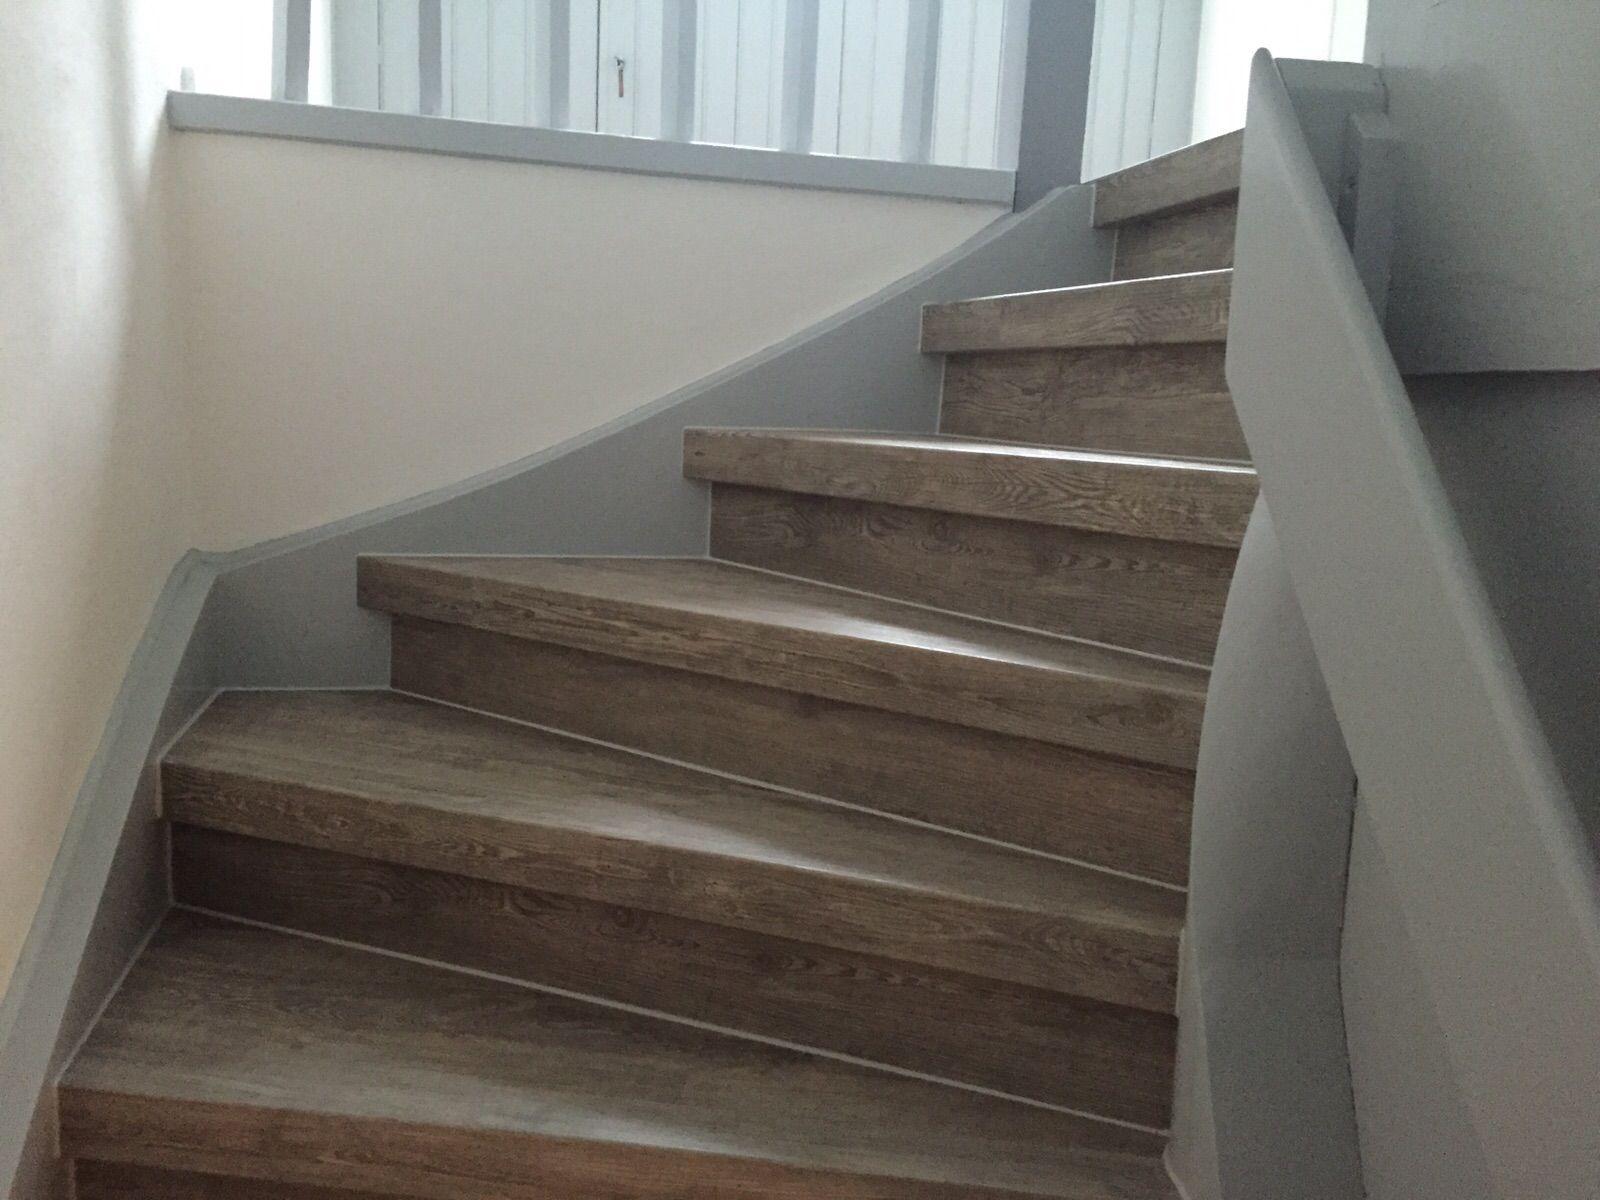 treppe #eiche #bodenbeschichtung #D&W #holz #renovierung #leisten ...